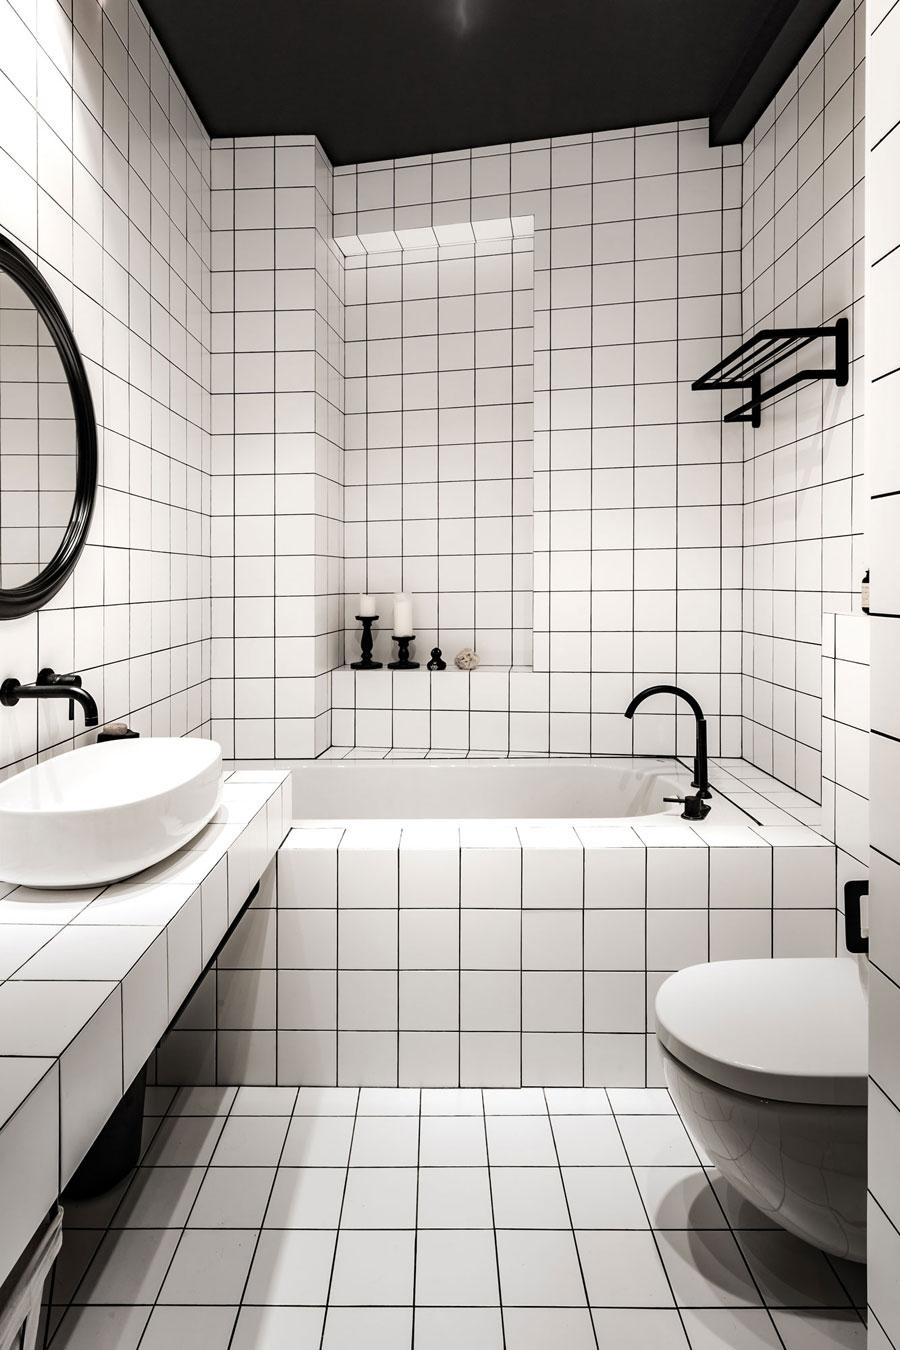 Badkamerontwerp met vierkante witte tegels en een zwart plafond